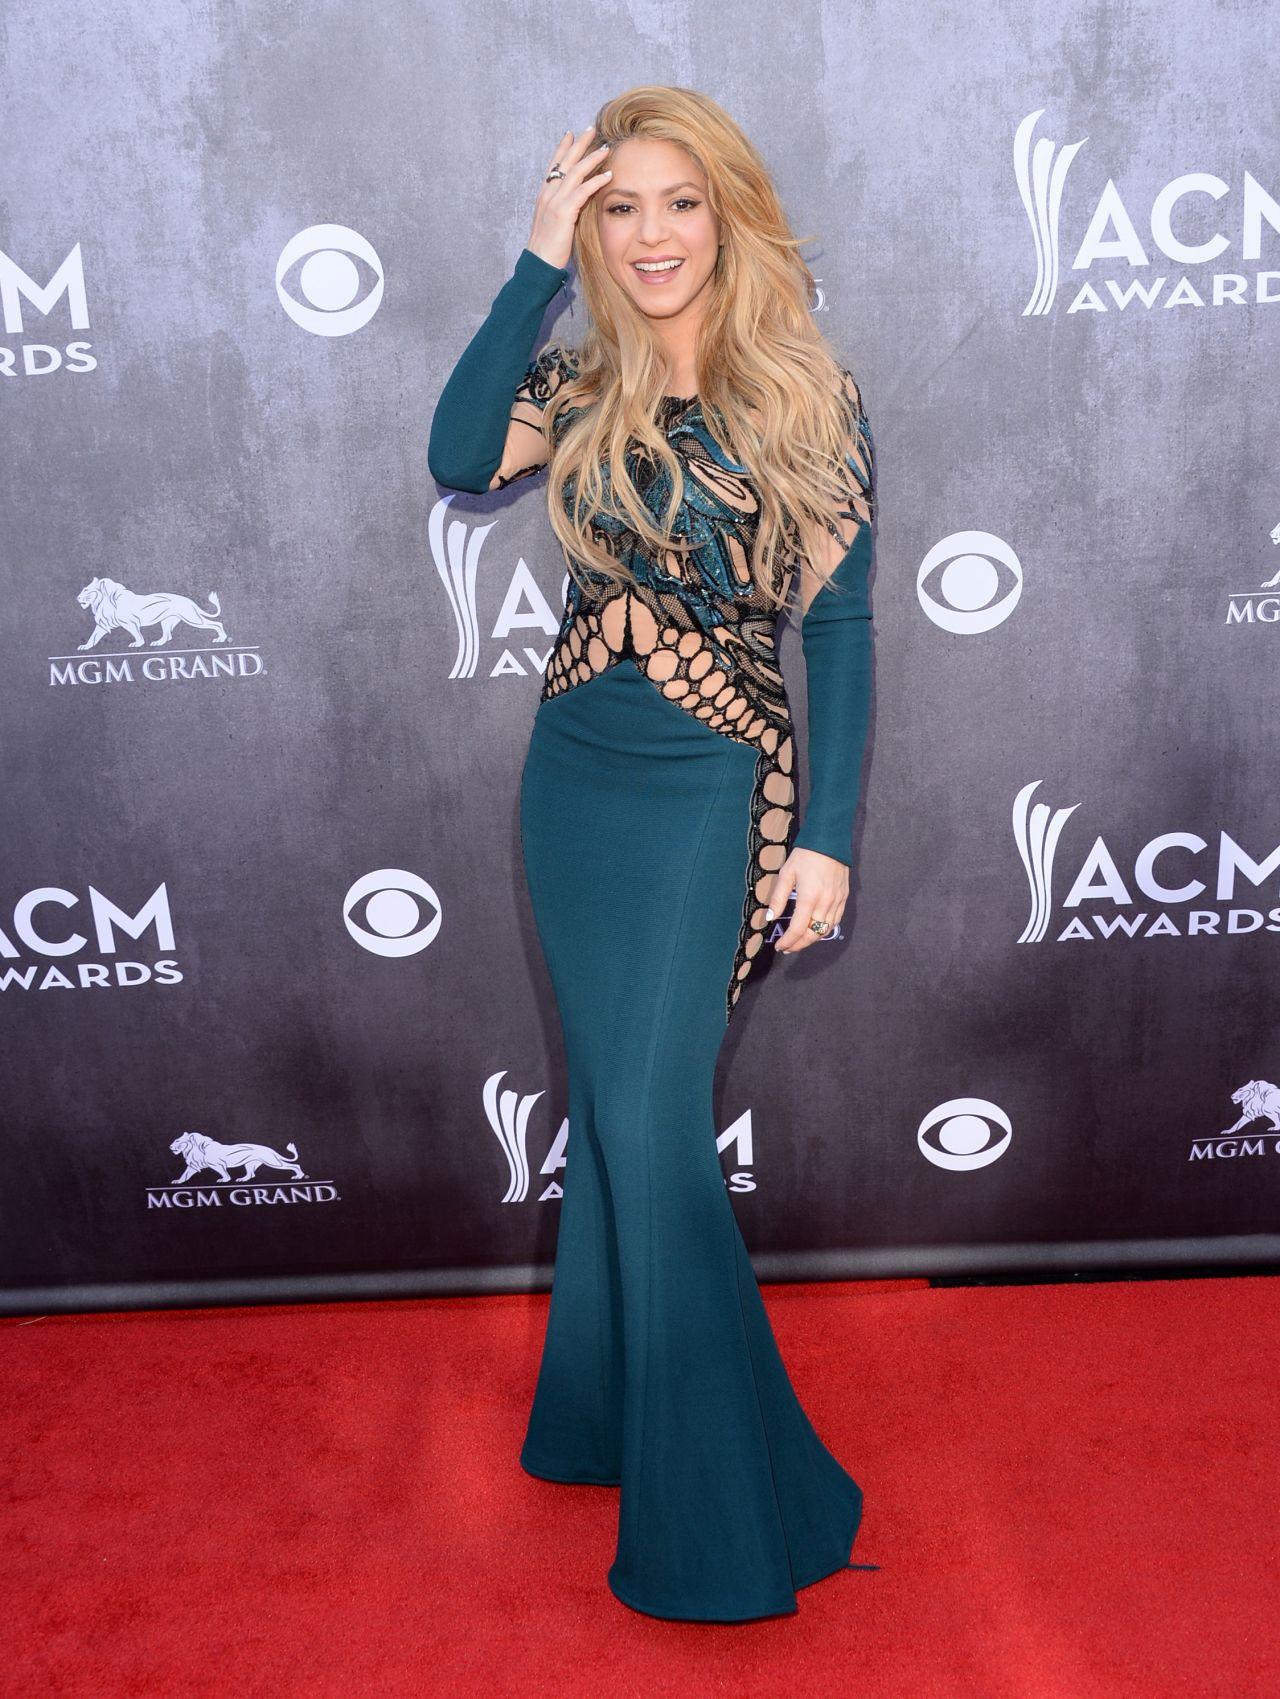 Shakira In Zuhair Murad Dress 2014 Academy Of Country